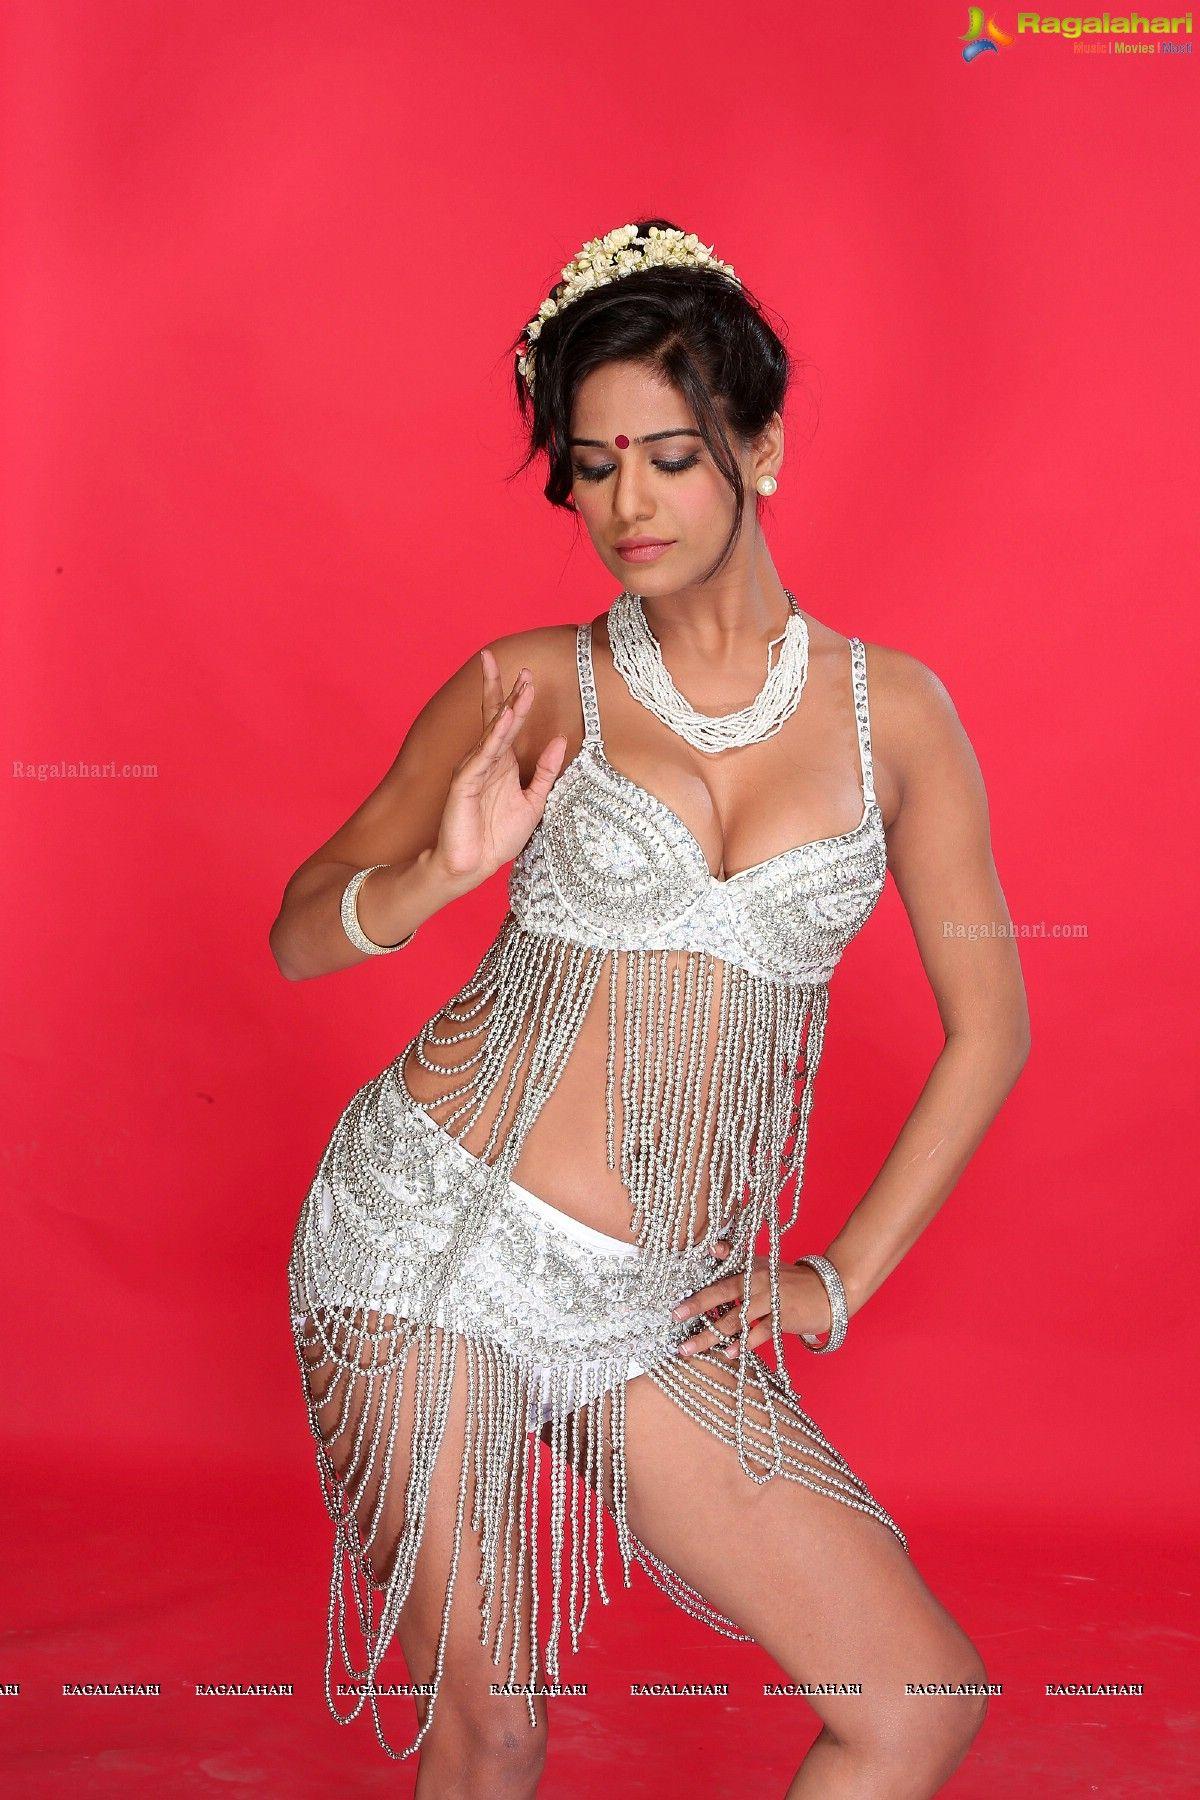 Poonam Pandey Leaked Nude Photos 5